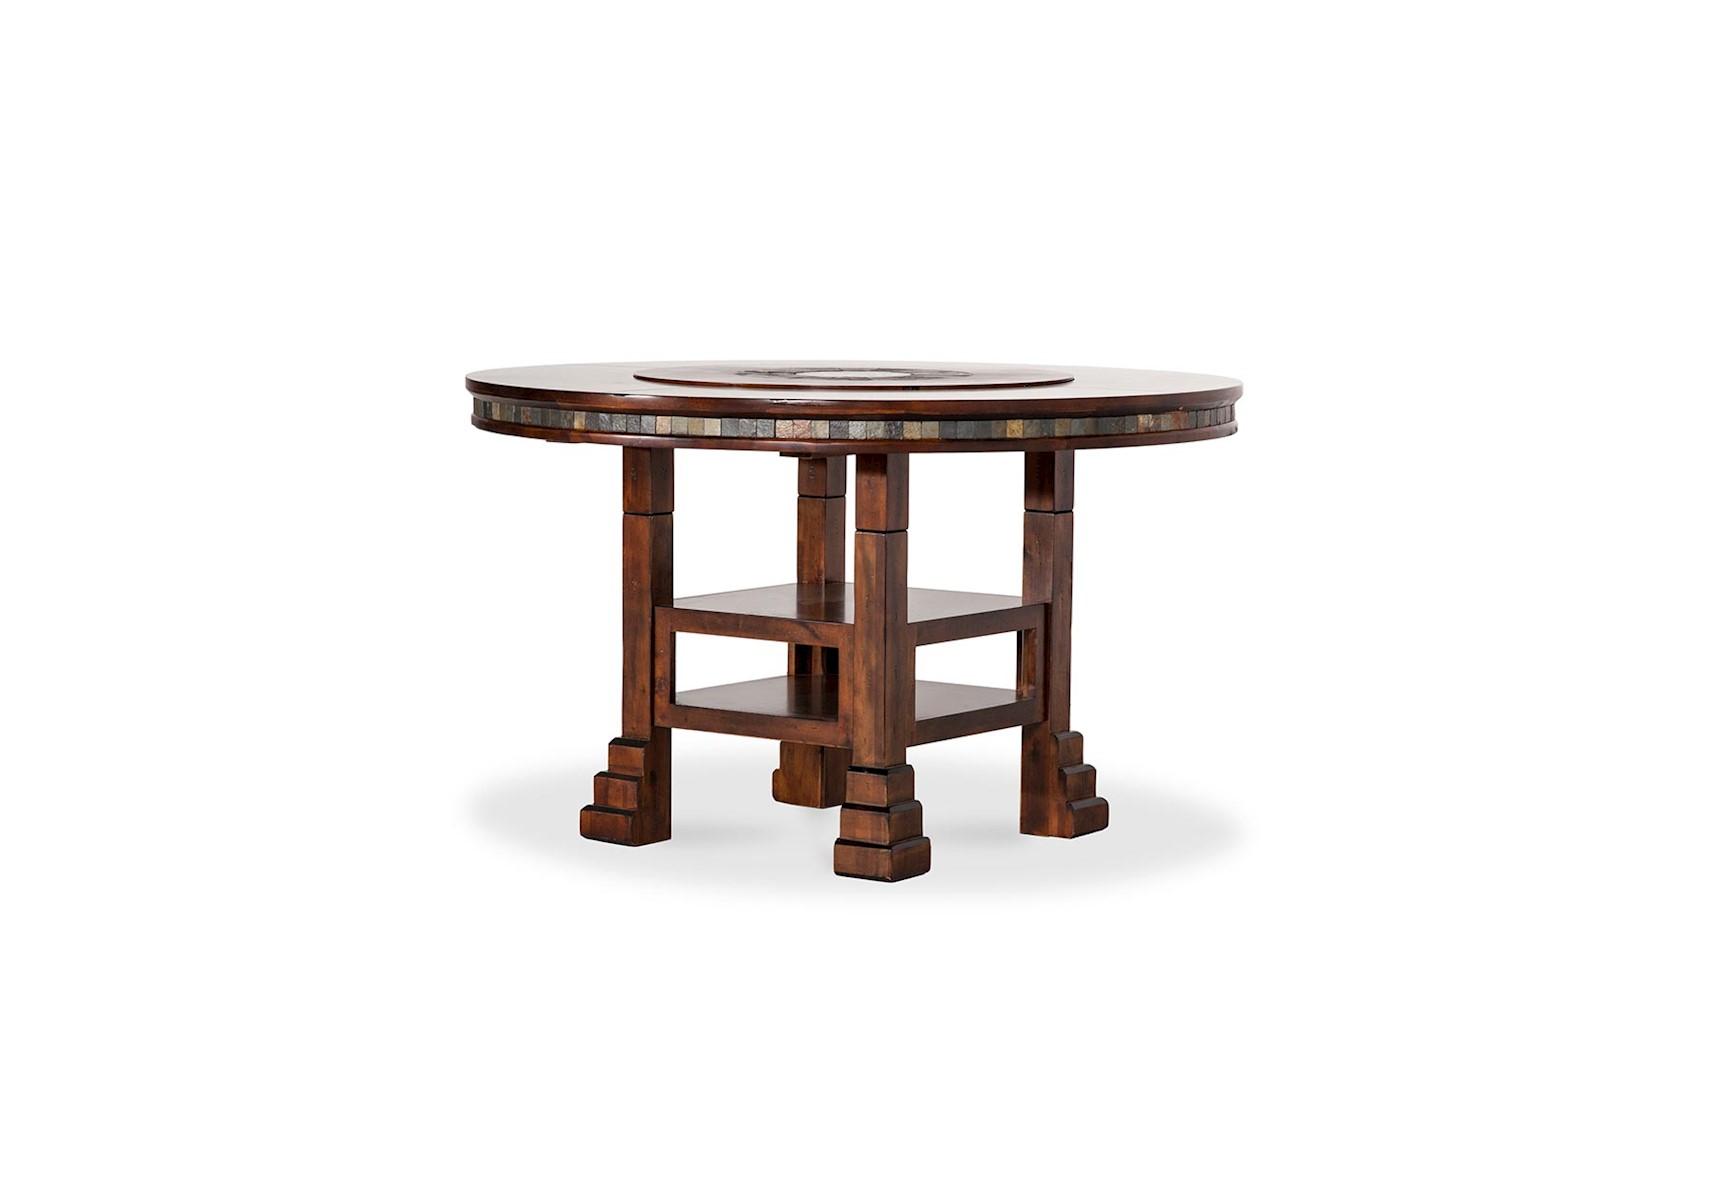 Lacks | Santa Fe Adjustable Height Round Table